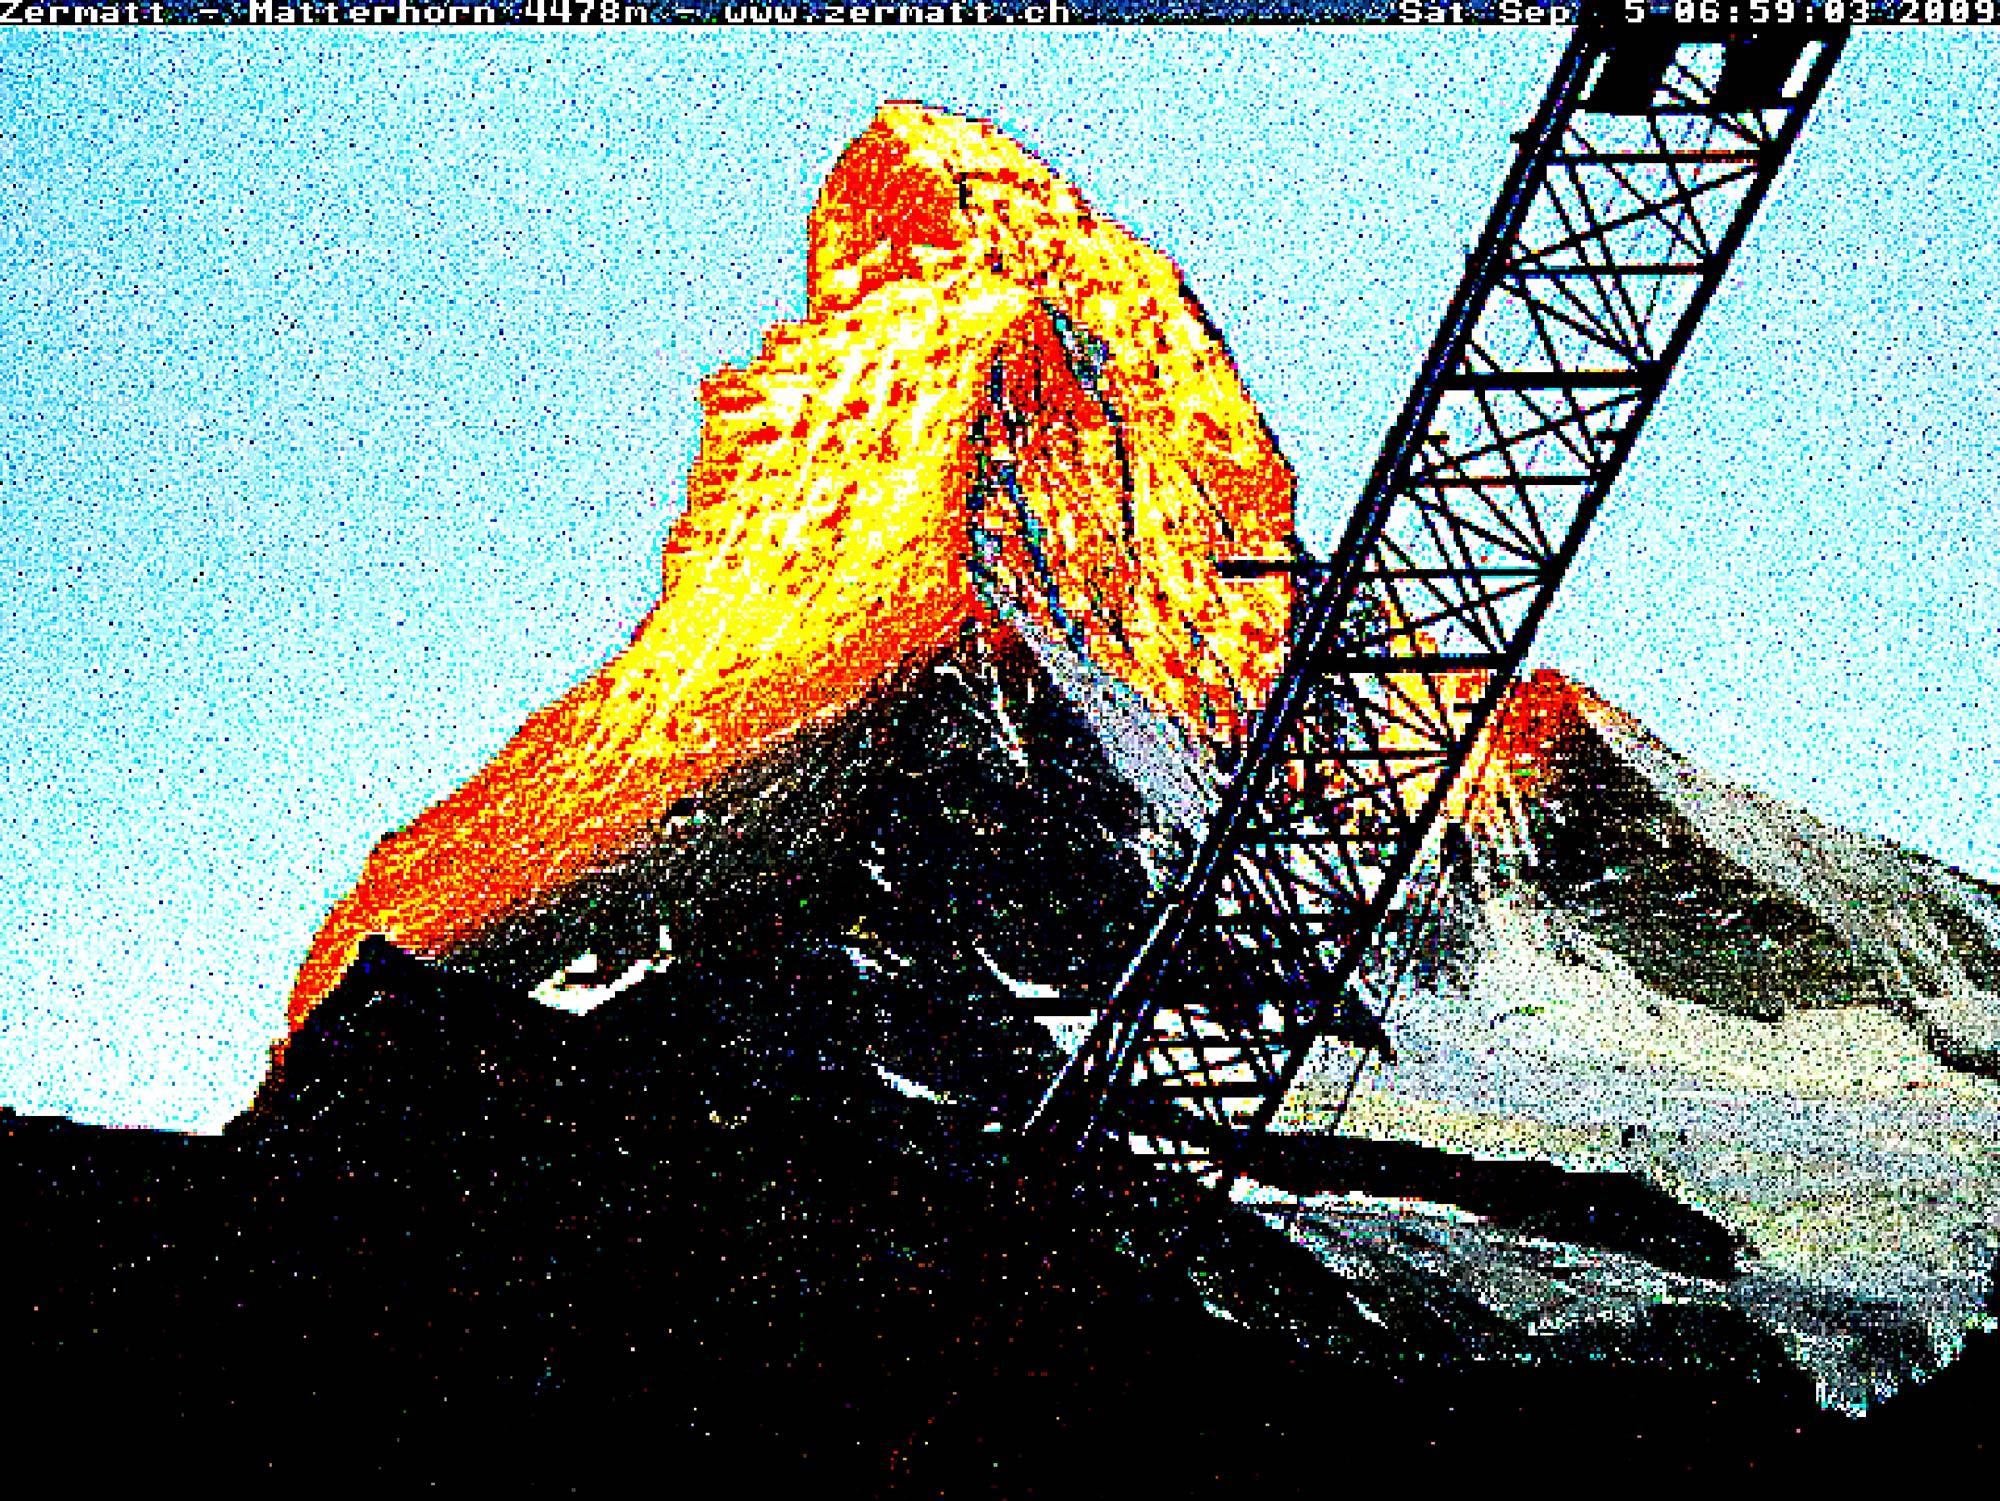 #0025 Matterhorn 2009 09 05